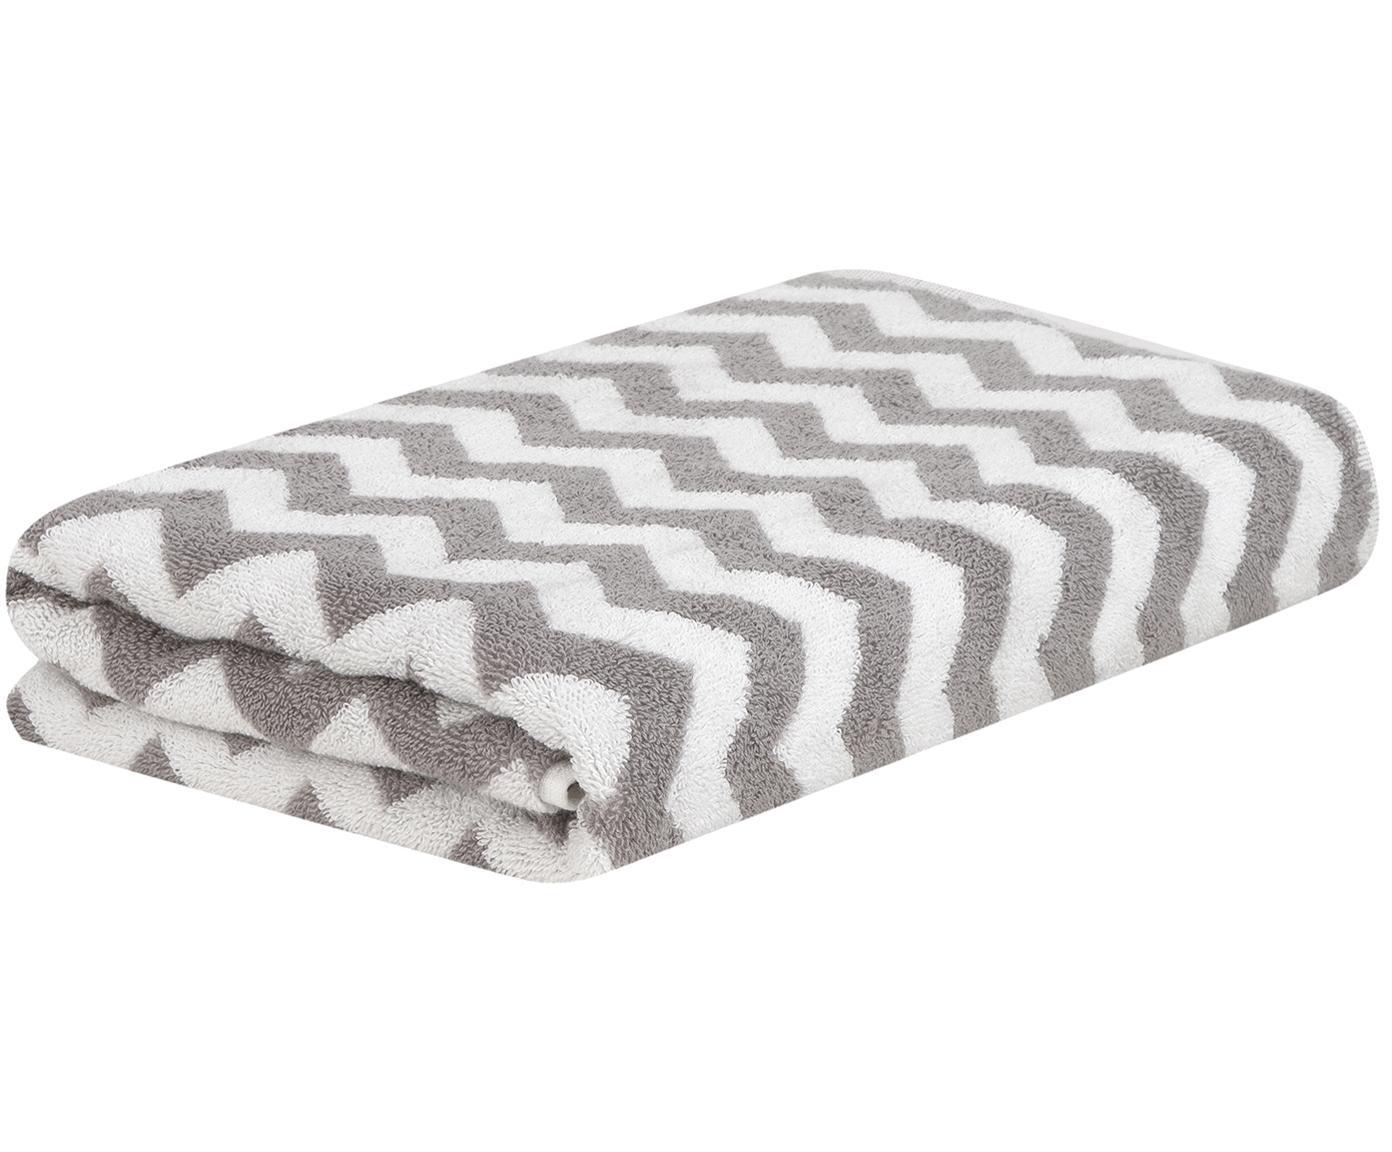 Handtuch Liv mit Zickzack-Muster, Taupe, Cremeweiß, Handtuch